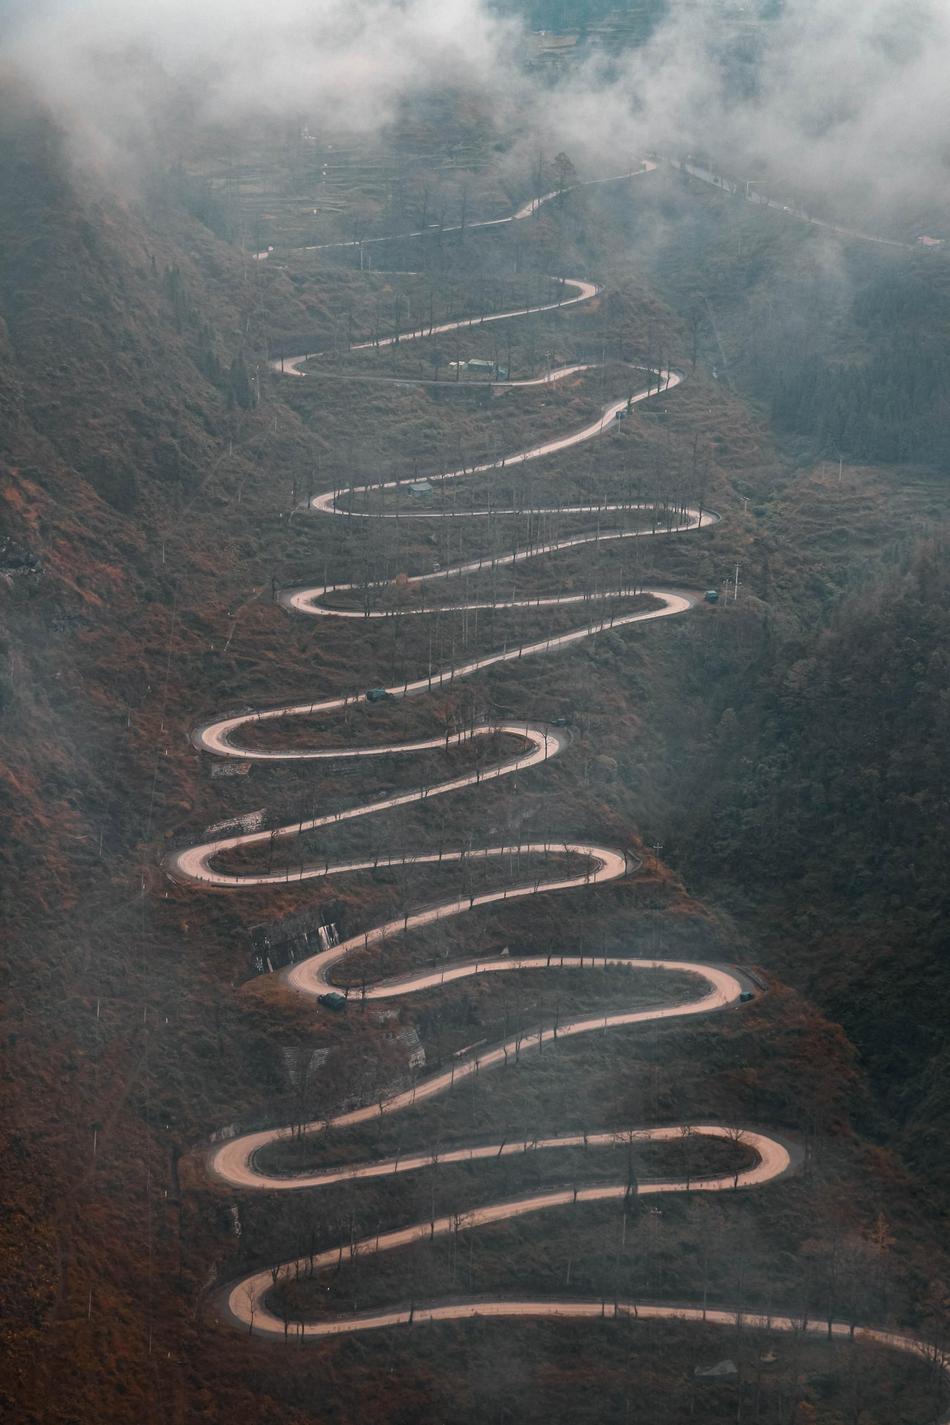 联通三千兆带您穿越贵州走进康养黔西南 享受绝美喀斯特